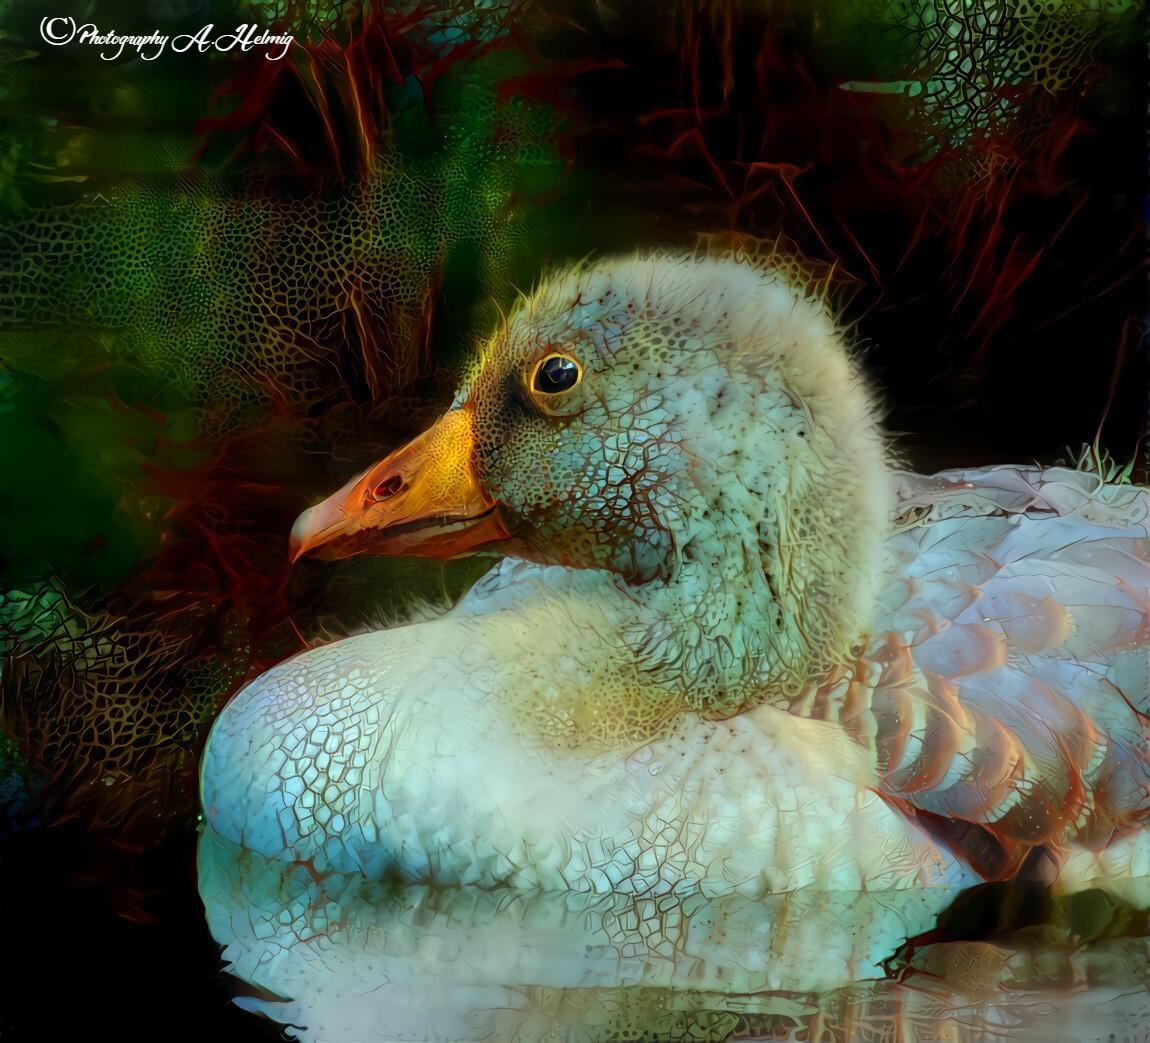 Gansje - Twee jaar terug gefotografeerd. Foto bewerkt. - foto door Anja Helmig op 16-04-2021 - deze foto bevat: vogel, water, groen, bek, organisme, eenden, ganzen en zwanen, watervogels, veer, aanpassing, schilderen